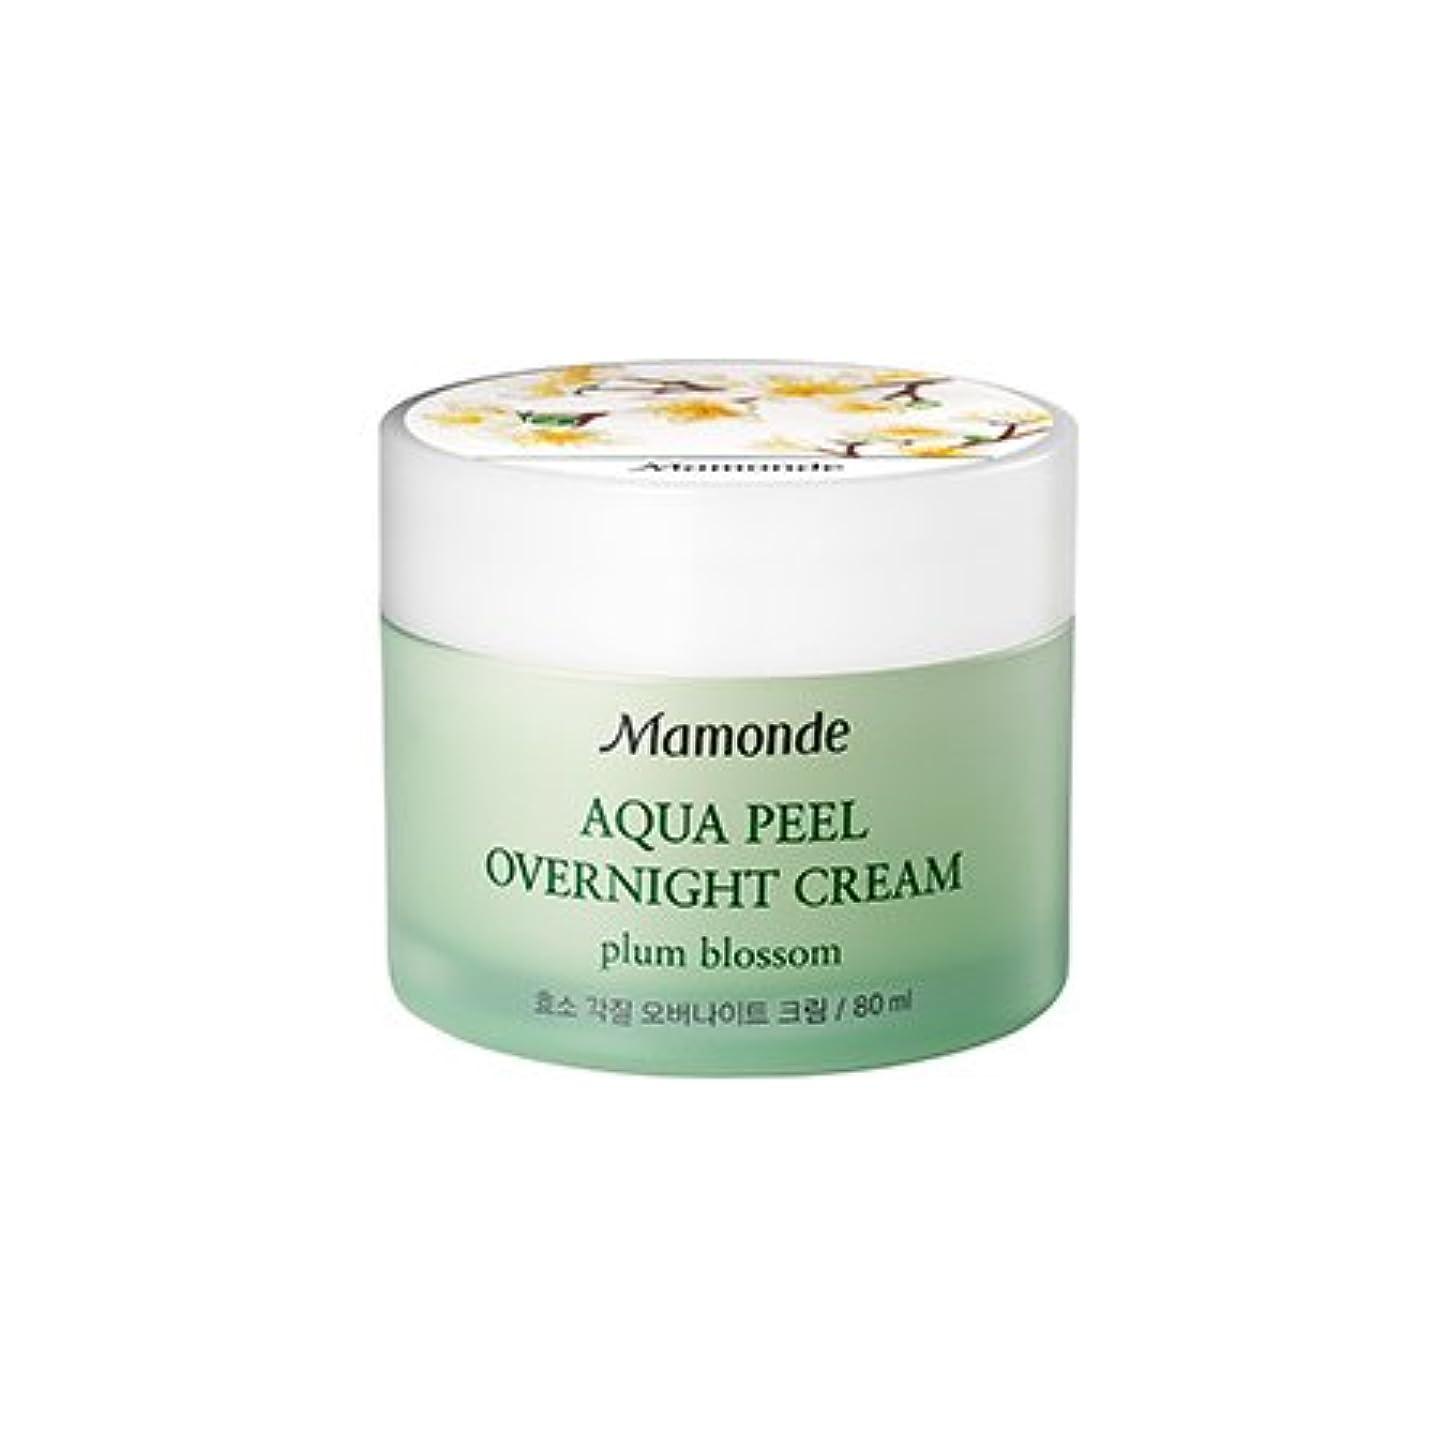 枯渇する続けるユーモラスMamonde Aqua Peel Overnight Cream 80ml/マモンド アクア ピール オーバーナイト クリーム 80ml [並行輸入品]